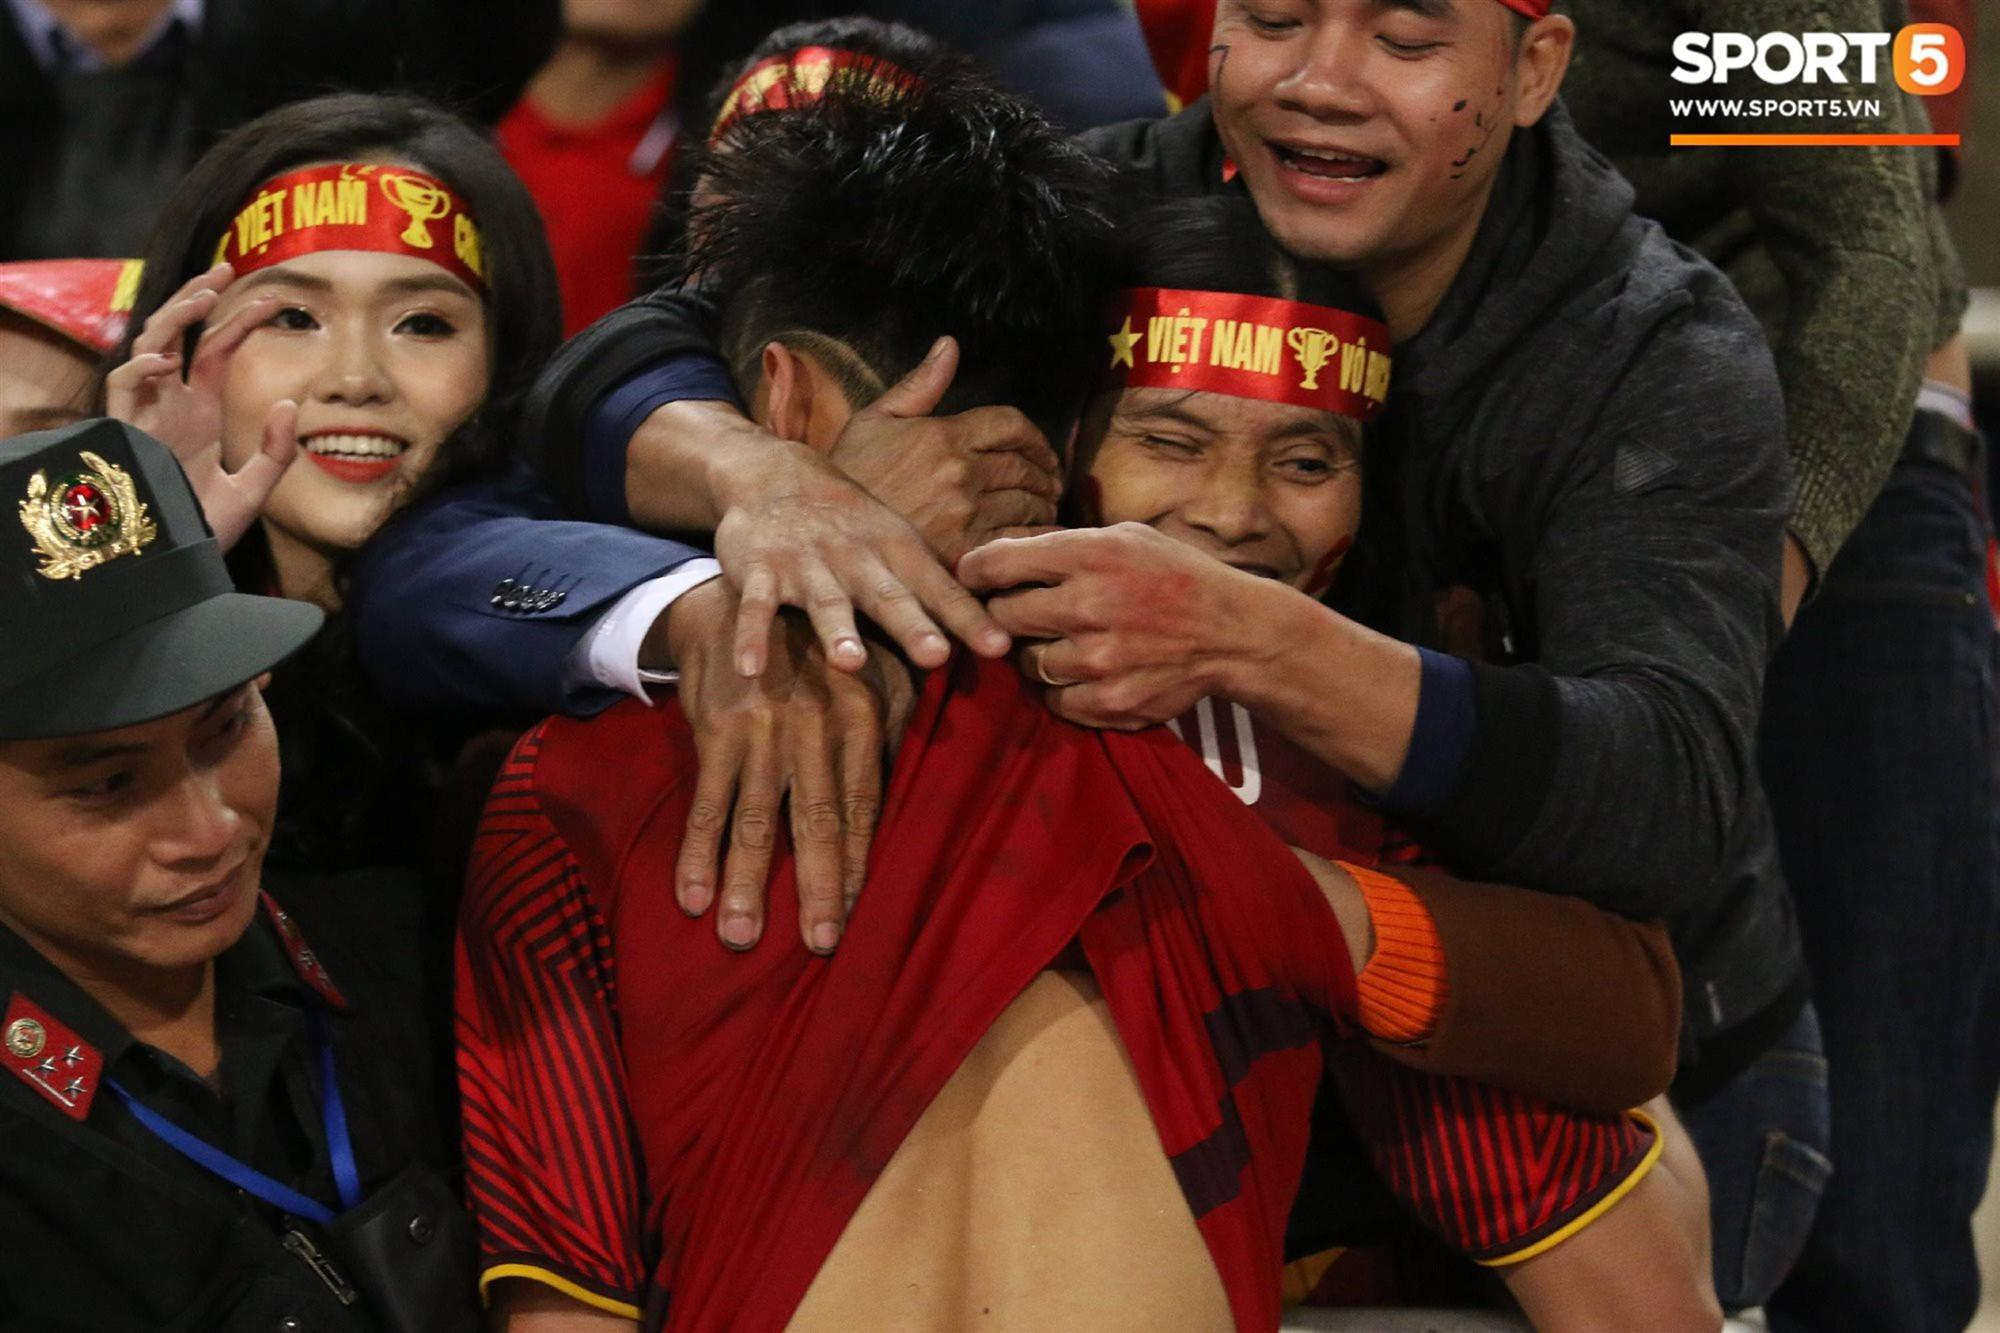 Cậu út ĐT Việt Nam bật khóc trong vòng tay bố mẹ-3